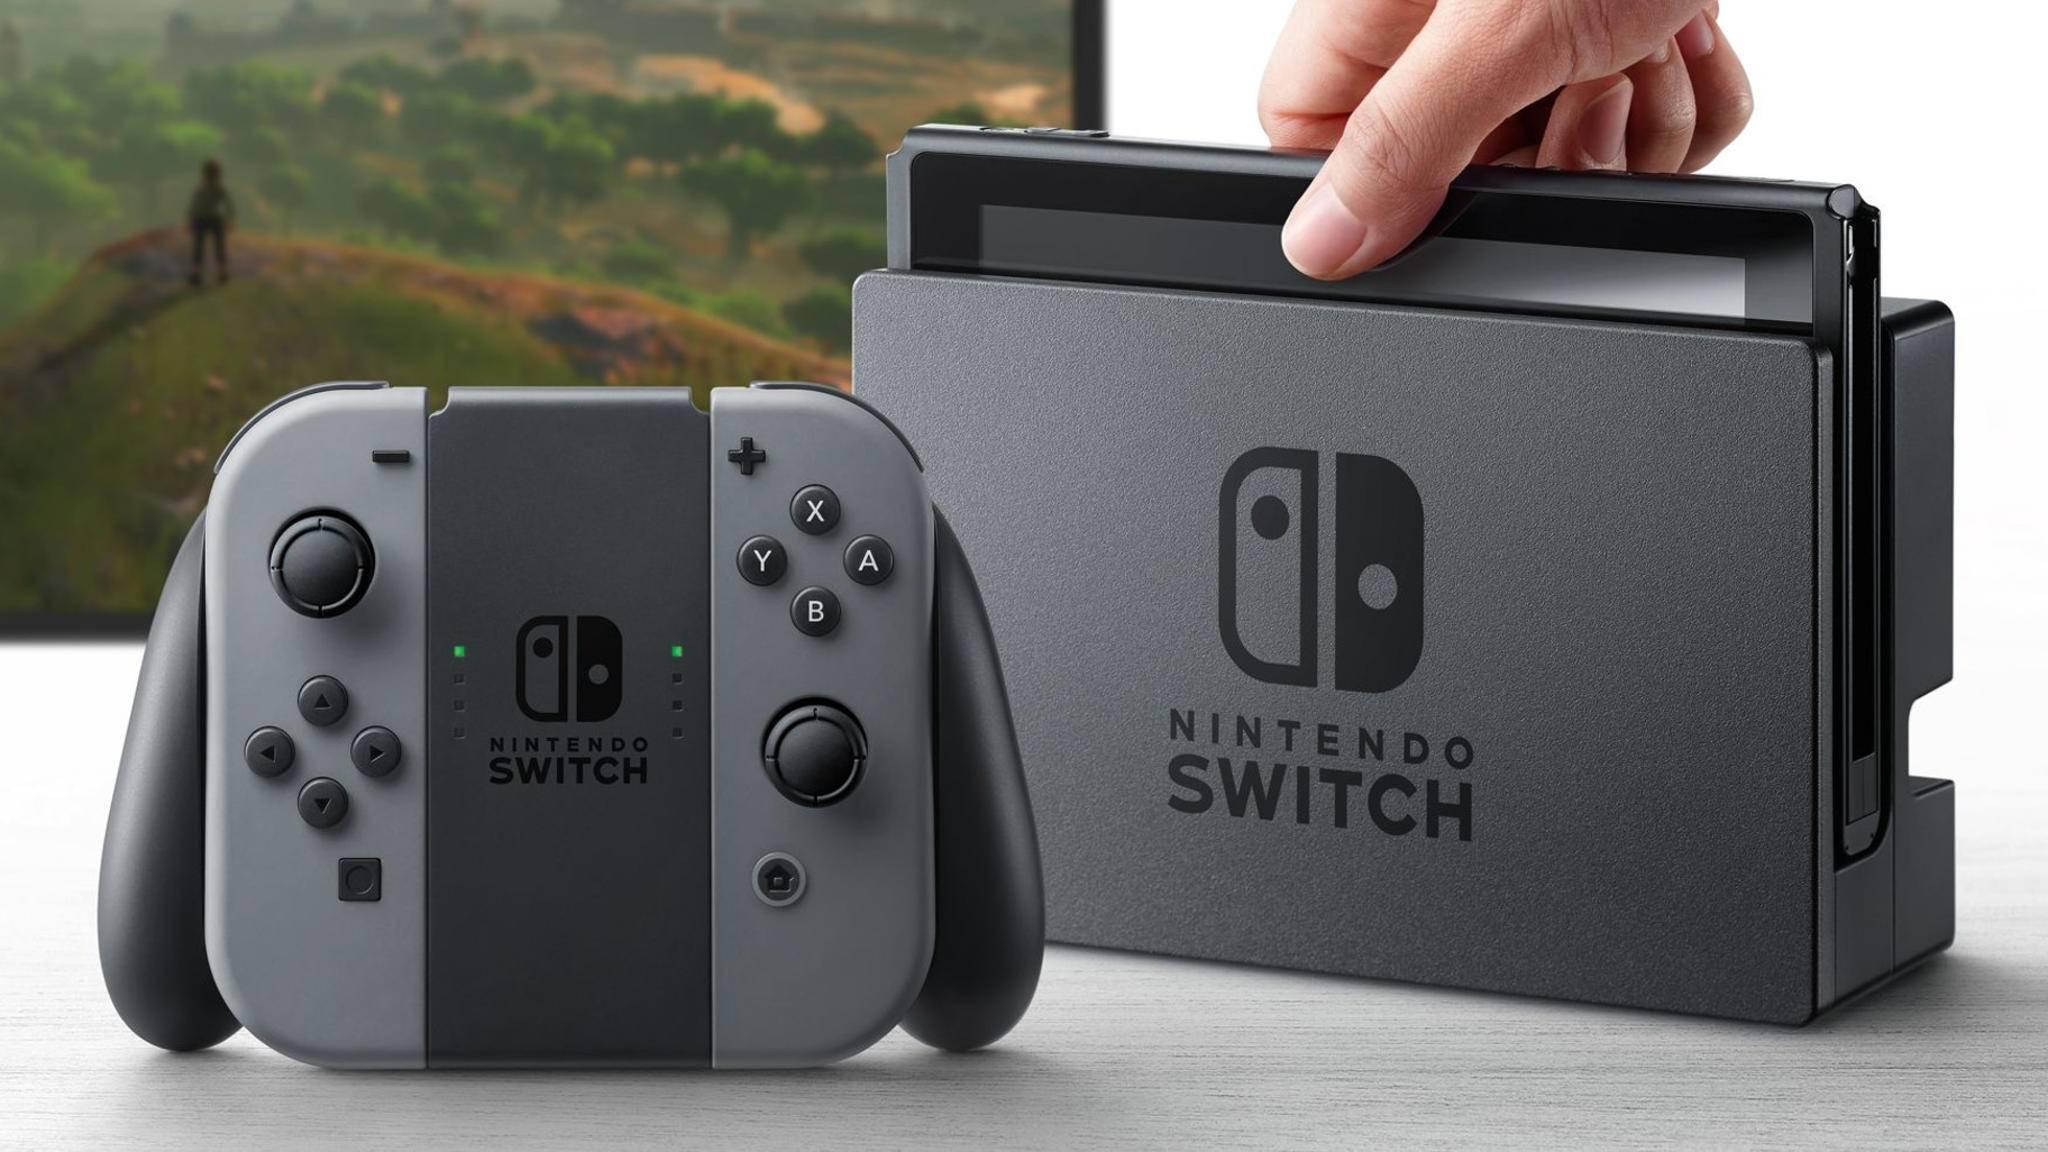 Die Nintendo Switch soll eine neue Art von Konsole werden.